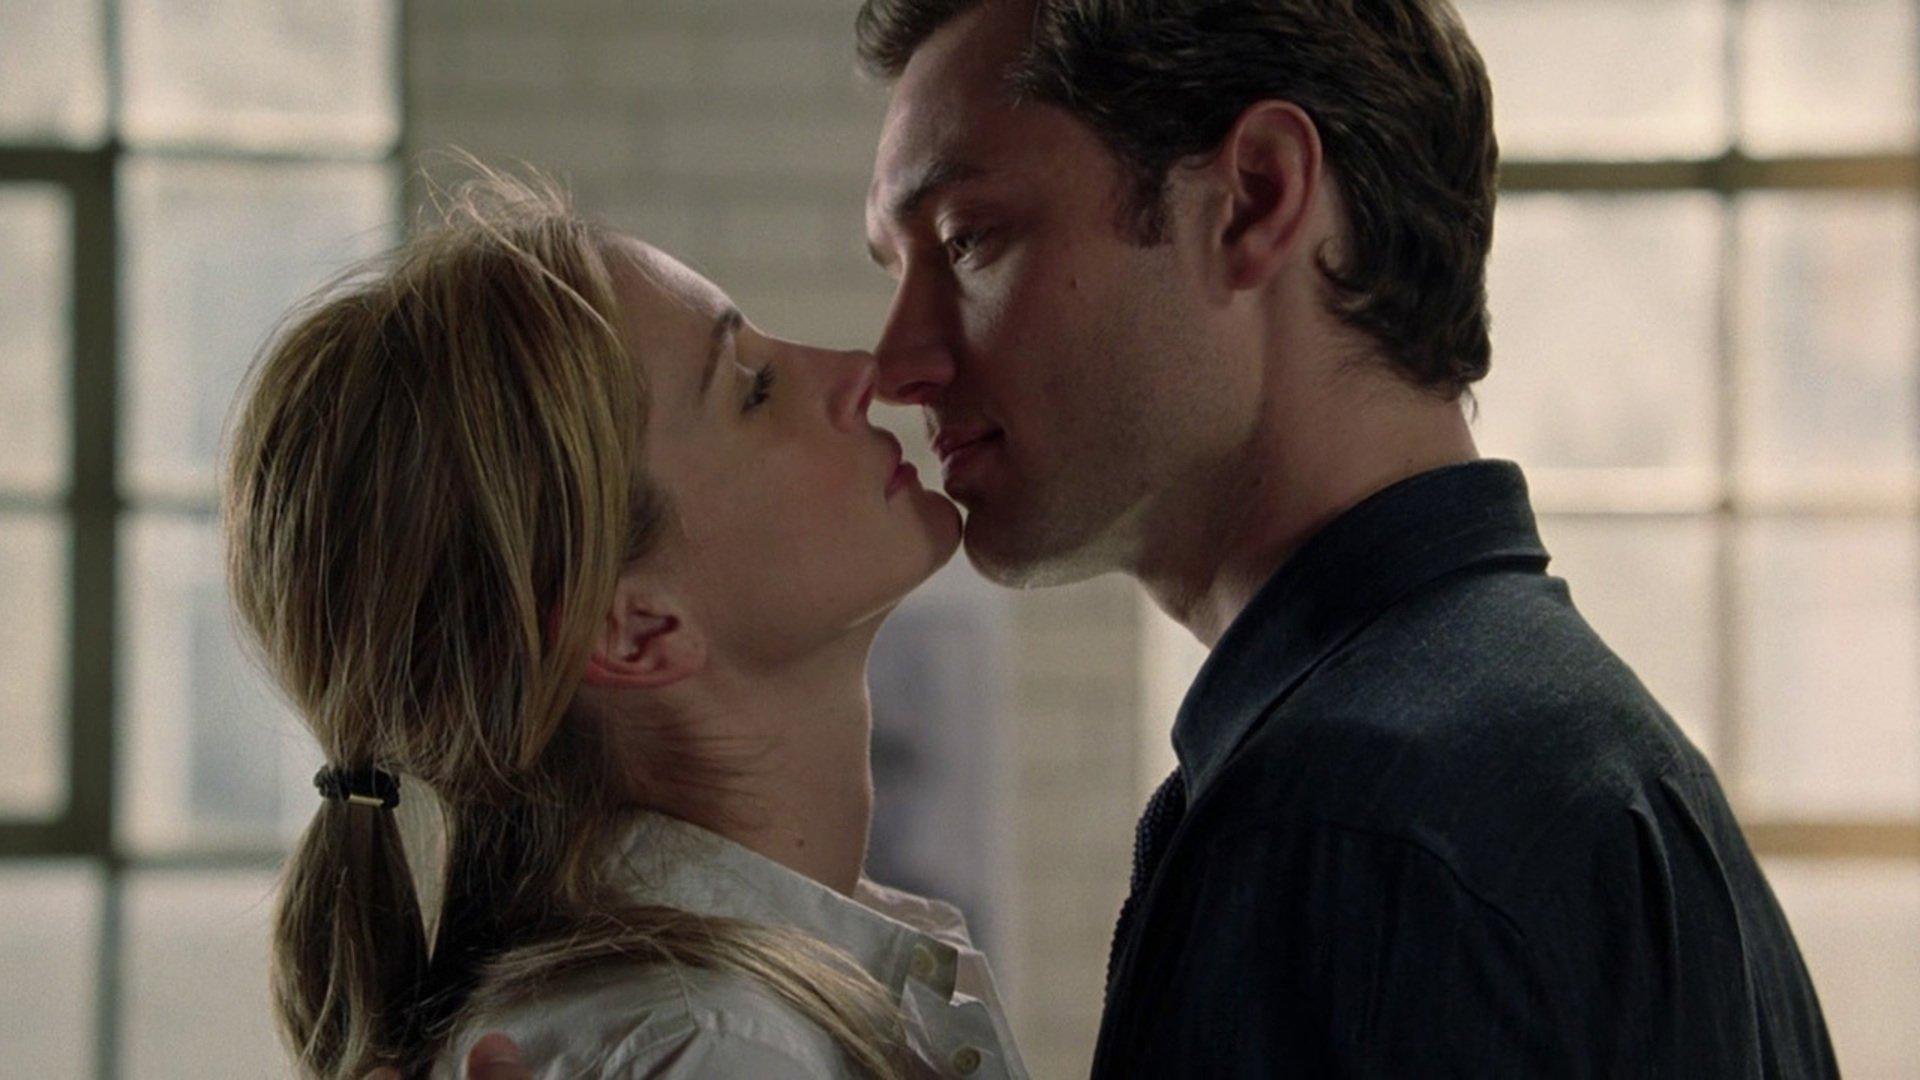 Любовь отношения секс измена поцелуй